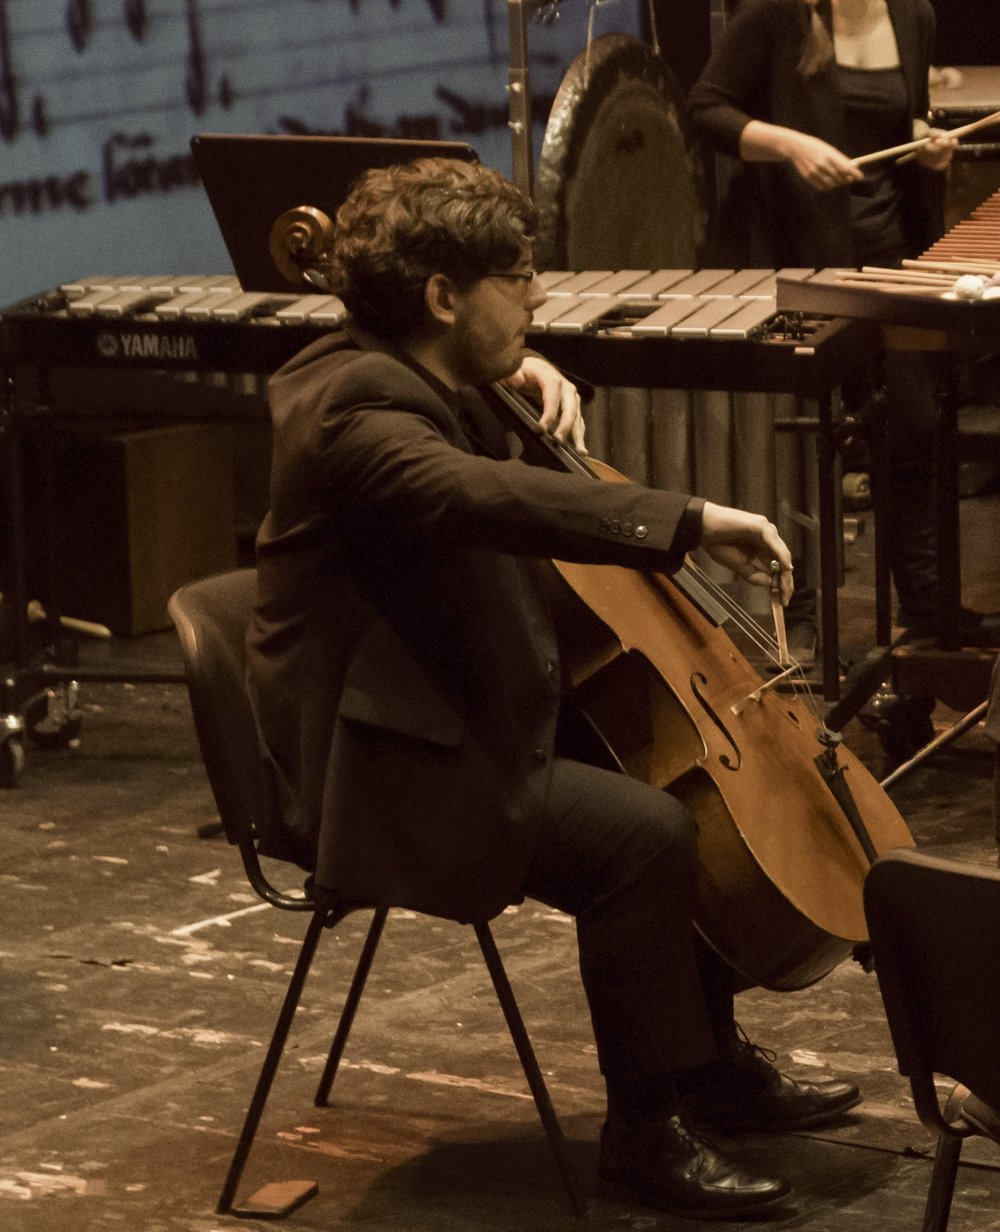 """Iván Siso, cello - Nacido en A Coruña, comienza a tocar el violoncello en el Conservatorio de música profesional de Vilalbacon los profesores Xulia Nogueira y Xan Carballal. Posteriormente, estudia con Barbara Switalska en la Escola de Altos Estudos Musicais de Galicia.En el año 2013 se gradúa en el Conservatorio Superior de Música del PaísVasco- Musikene, bajo la tutela de los maestros Asier Polo y María Casado. En 2015 obtiene el """"Master in Musical Performance"""" con el maestro Enrico Dindo en el Conservatorio della Svizzera Italiana en Lugano, Suiza.Ha recibido consejo de violoncellistas como Maria Kliegel, Michael Sanderling, Julian Steckel o Torleif Thedéen. En el ámbito de la música de cámara ha sido influenciado por músicos como Andoni Mercero, Benedicte Palko, David Quiggle, Heime Müller, Simone Bernardini y los miembros del cuartetos Casals, delKuss Quartet y del Quartetto di Cremona.Ha sido miembro de la Orquesta Joven de la Sinfónica de Galicia (OJSG) y de la Joven Orquesta Nacionalde España (JONDE). Ha tocado y colabora con orquestas como la Orquesta Nacional de España (ONE), la Orquesta de la Radio y Televisión Española (ORTVE), la Orquesta Sinfónica de Galicia (OSG), la Real Filharmonía de Galicia (RFG), la Orchestra della Svizzera Italiana (OSI) y con la Orquesta Sinfónica de Euskadi (OSE) como violoncello principal.Durante los cursos académicos de 2011/12 y 2013/14 ha sido beneficiario de la beca de la Fundacion BBVA.En la actualidad es profesor de violoncello y música de cámara en laUniversidad Alfonso X el Sabio de Madrid."""